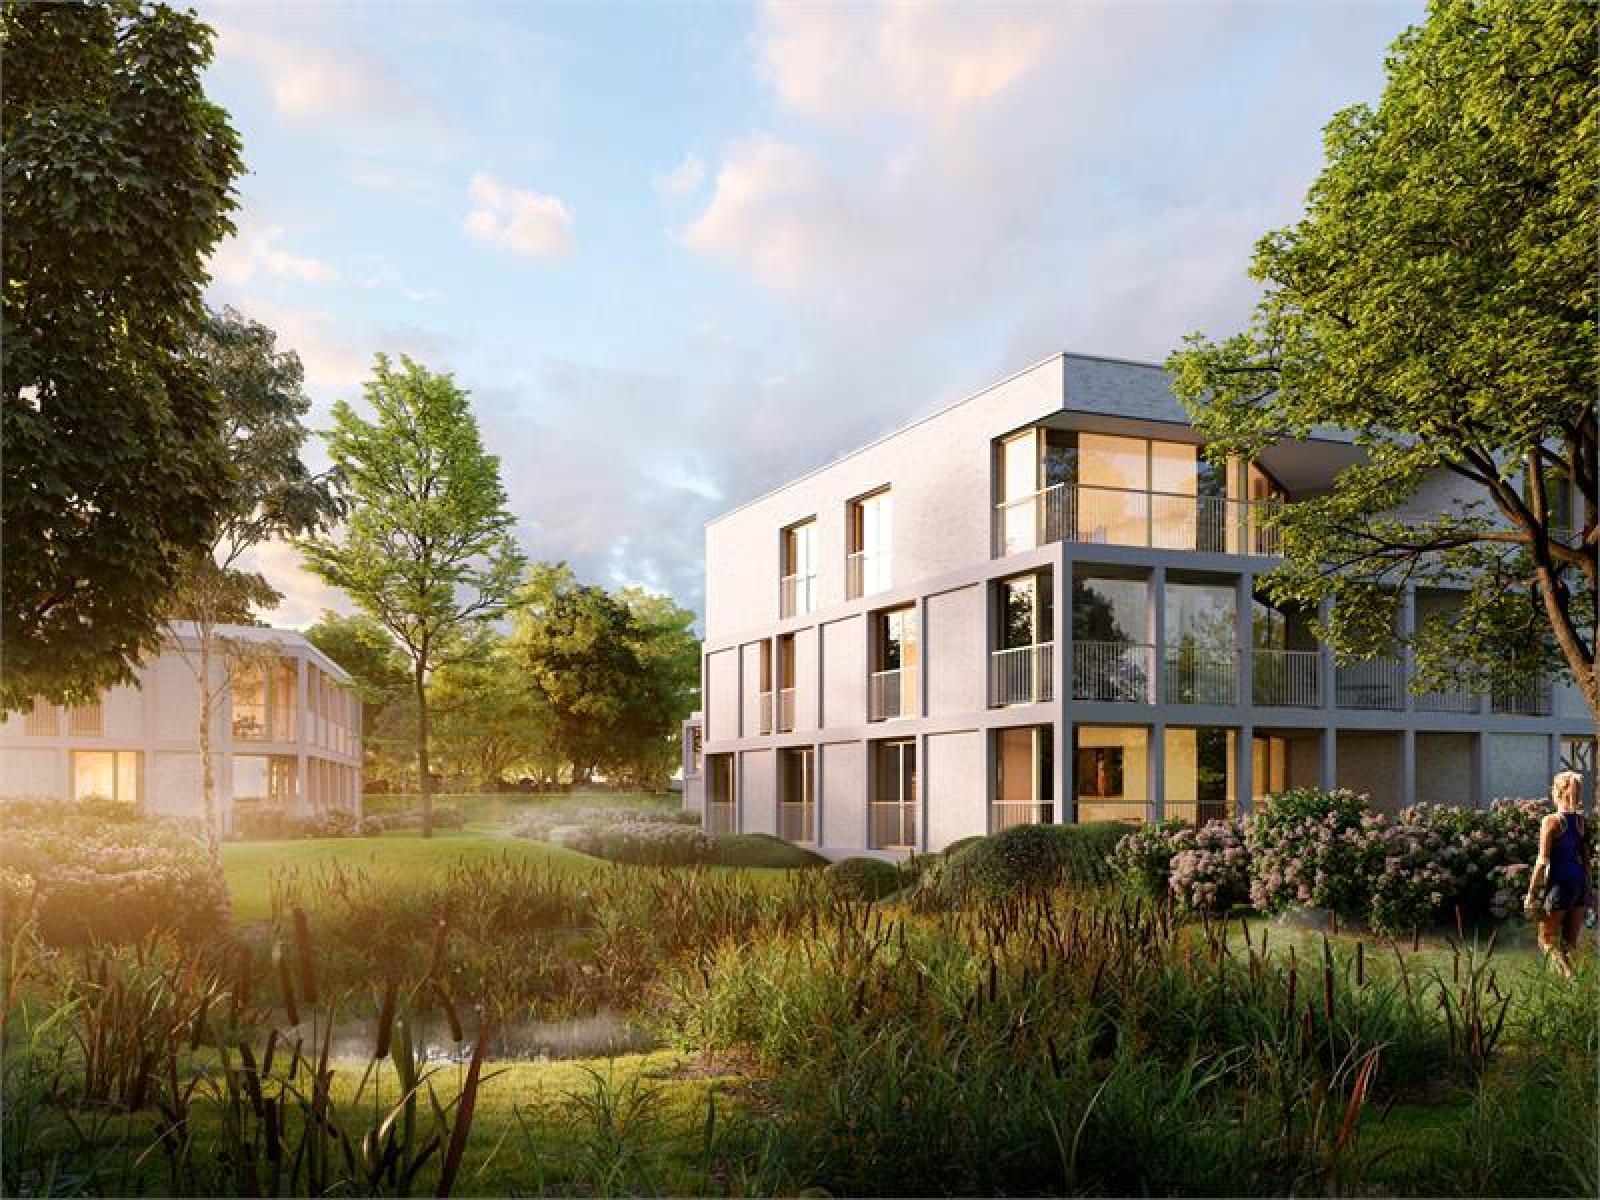 Nieuwbouw BEN-appartement op de gelijkvloers verdieping in prachtig binnengebied! afbeelding 3